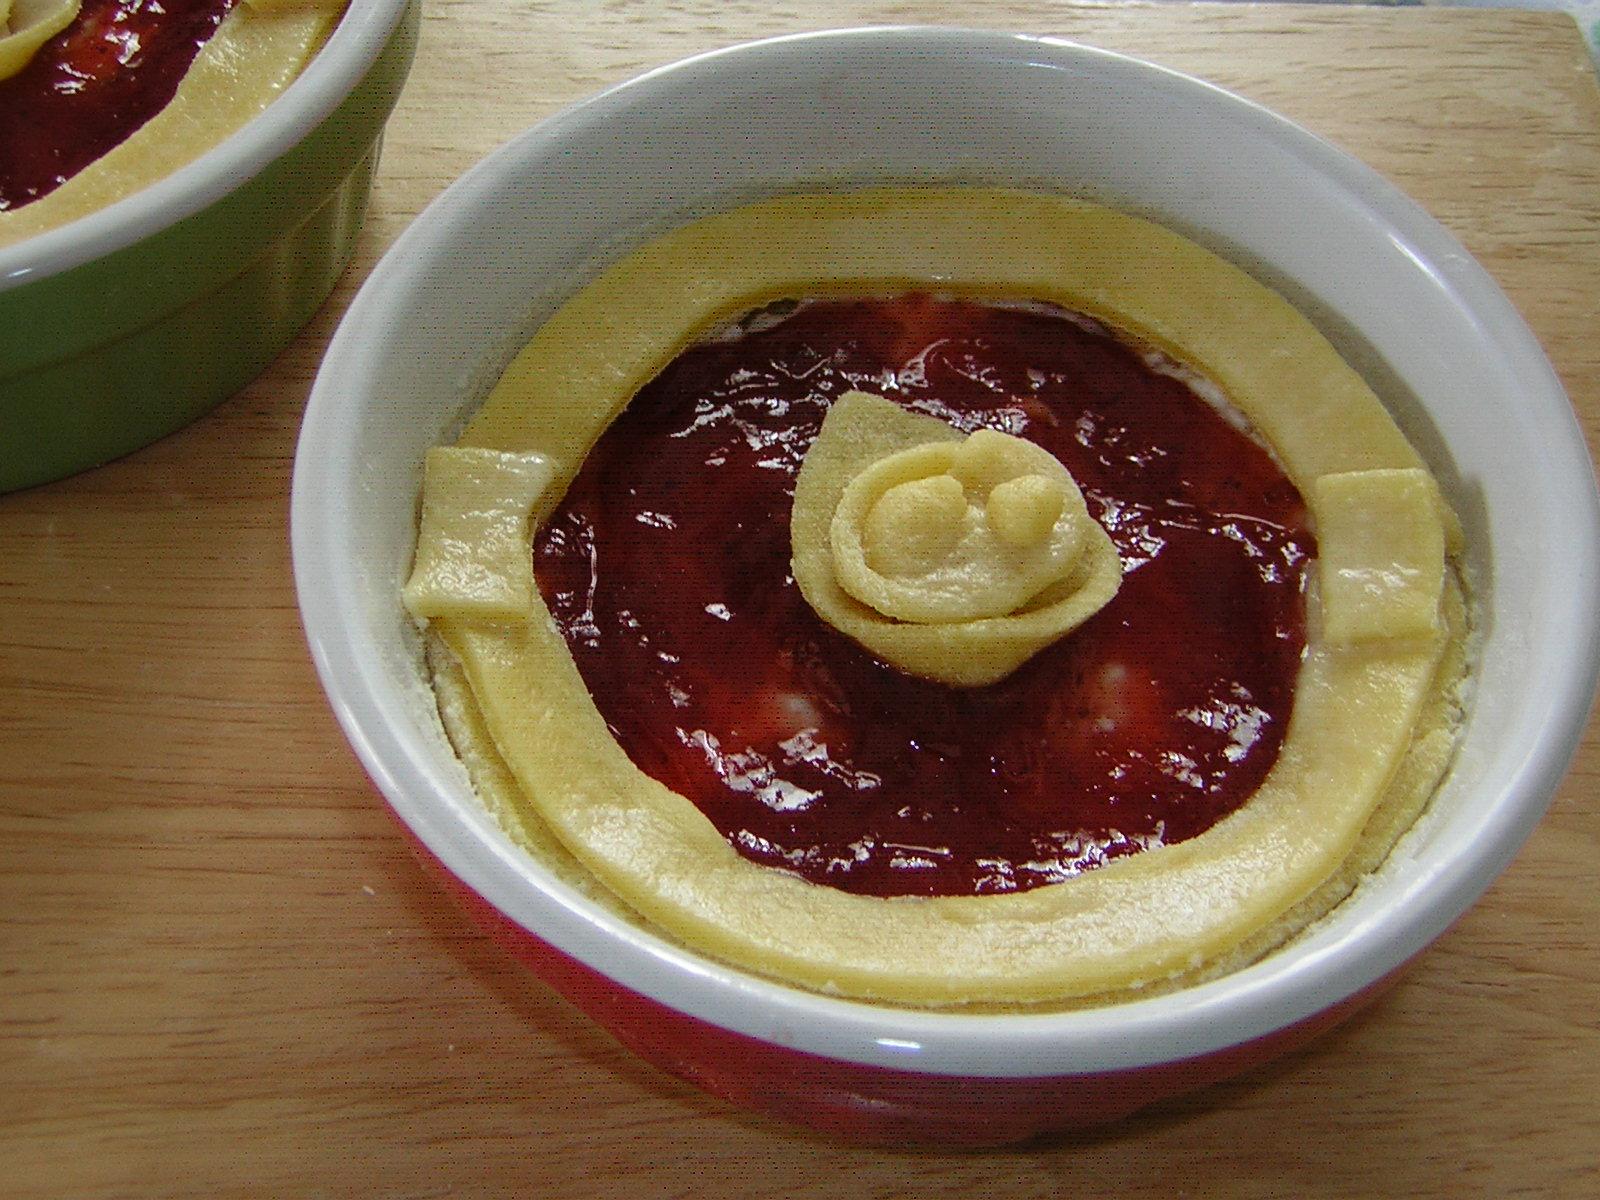 preparazione delle crostatine ricotta e marmellata